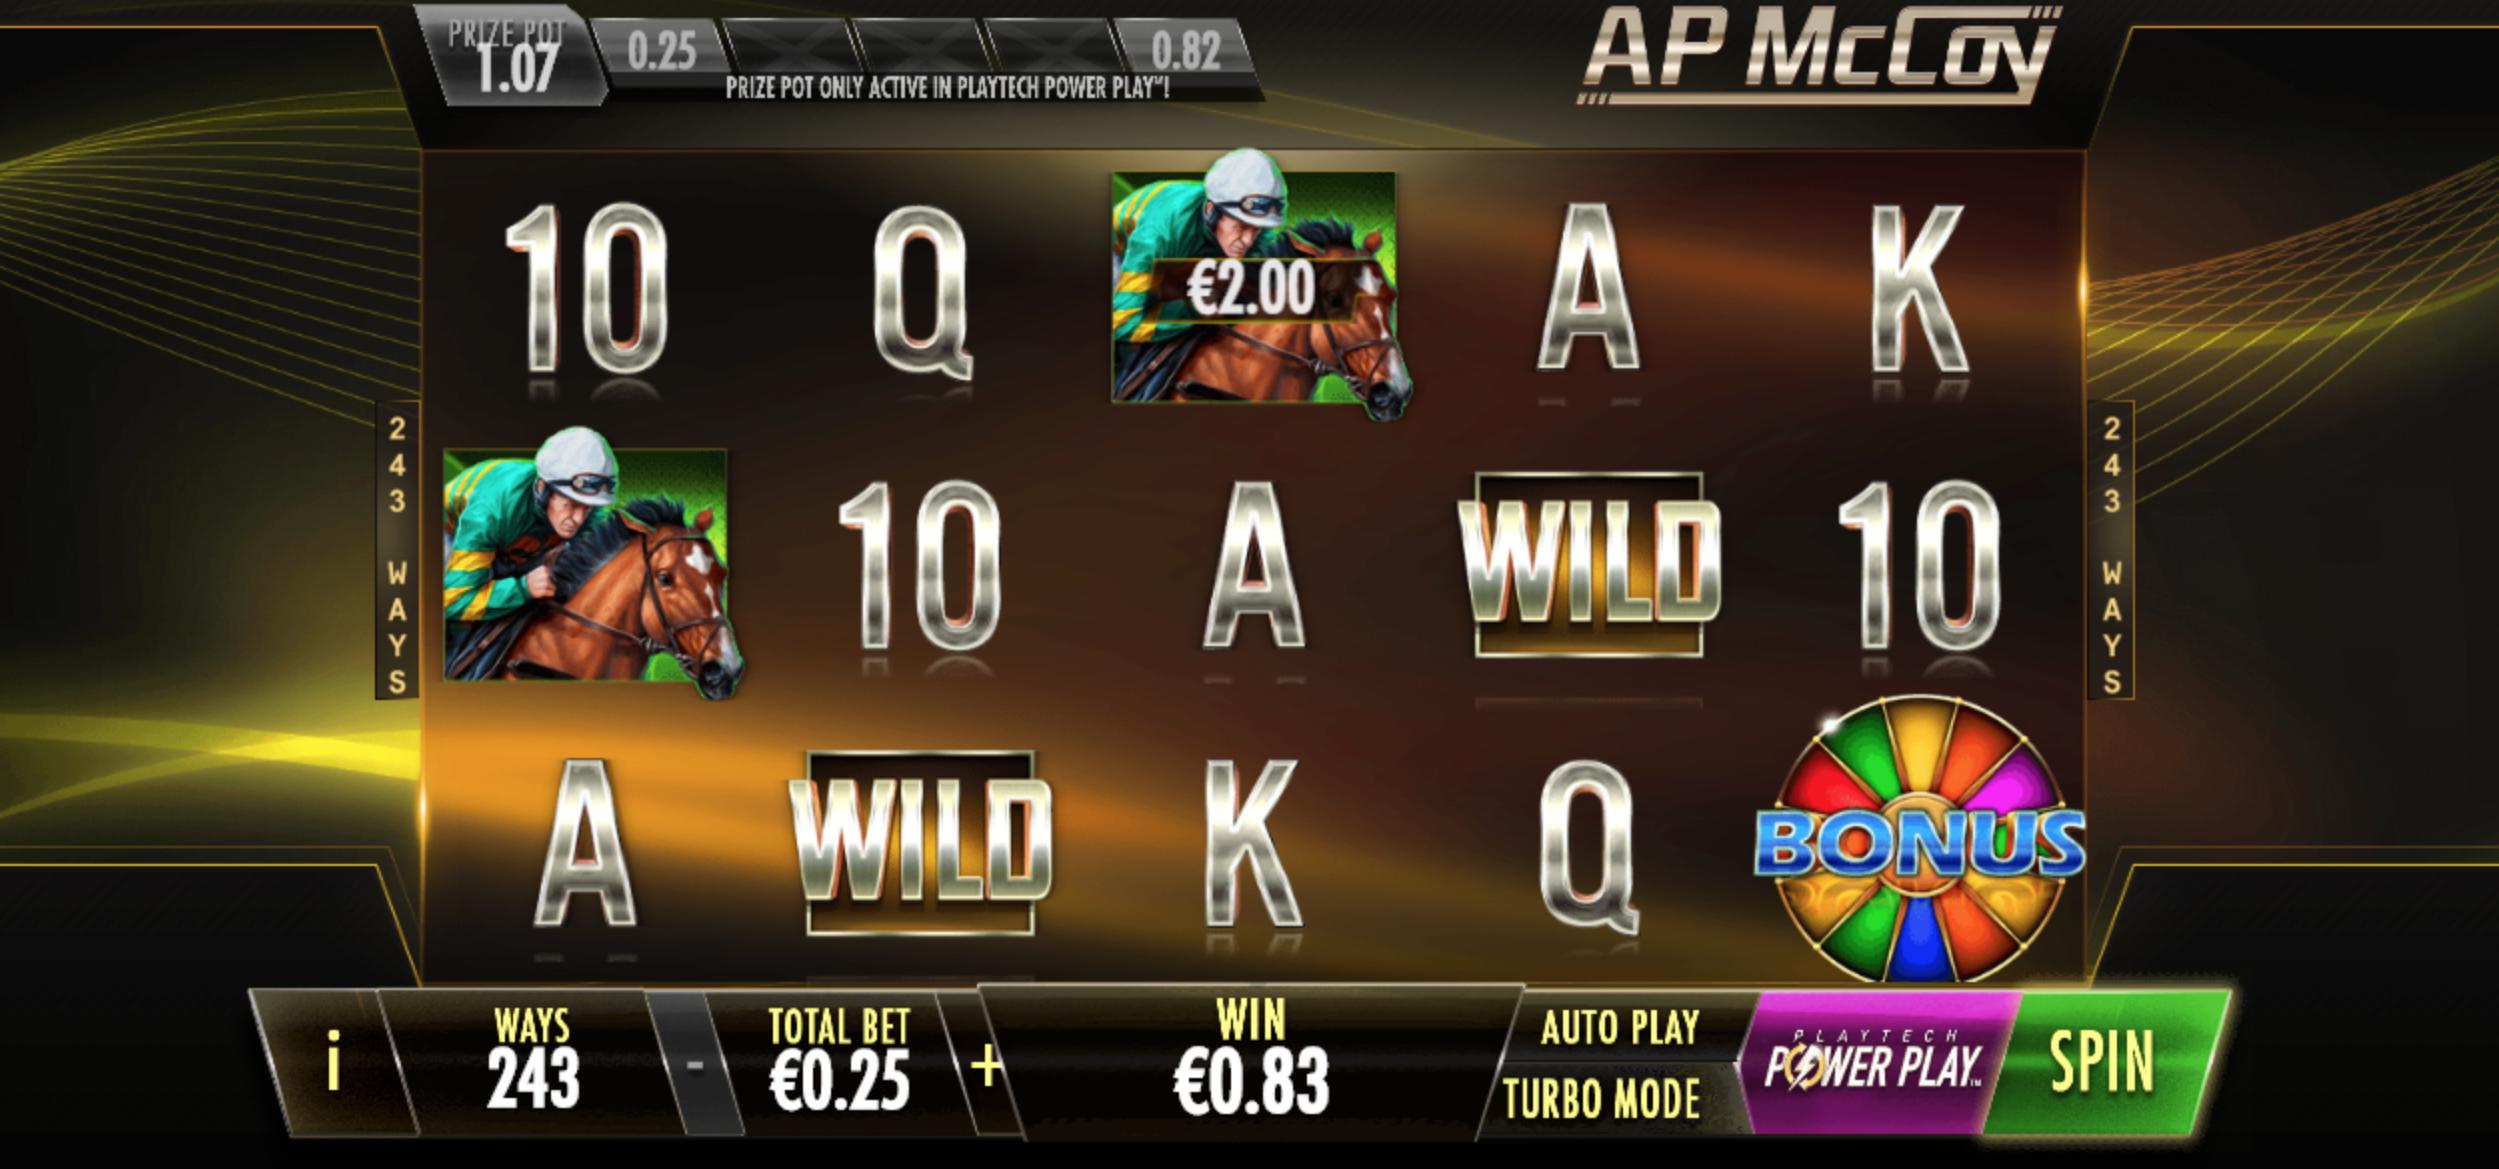 AP McCoy Slot